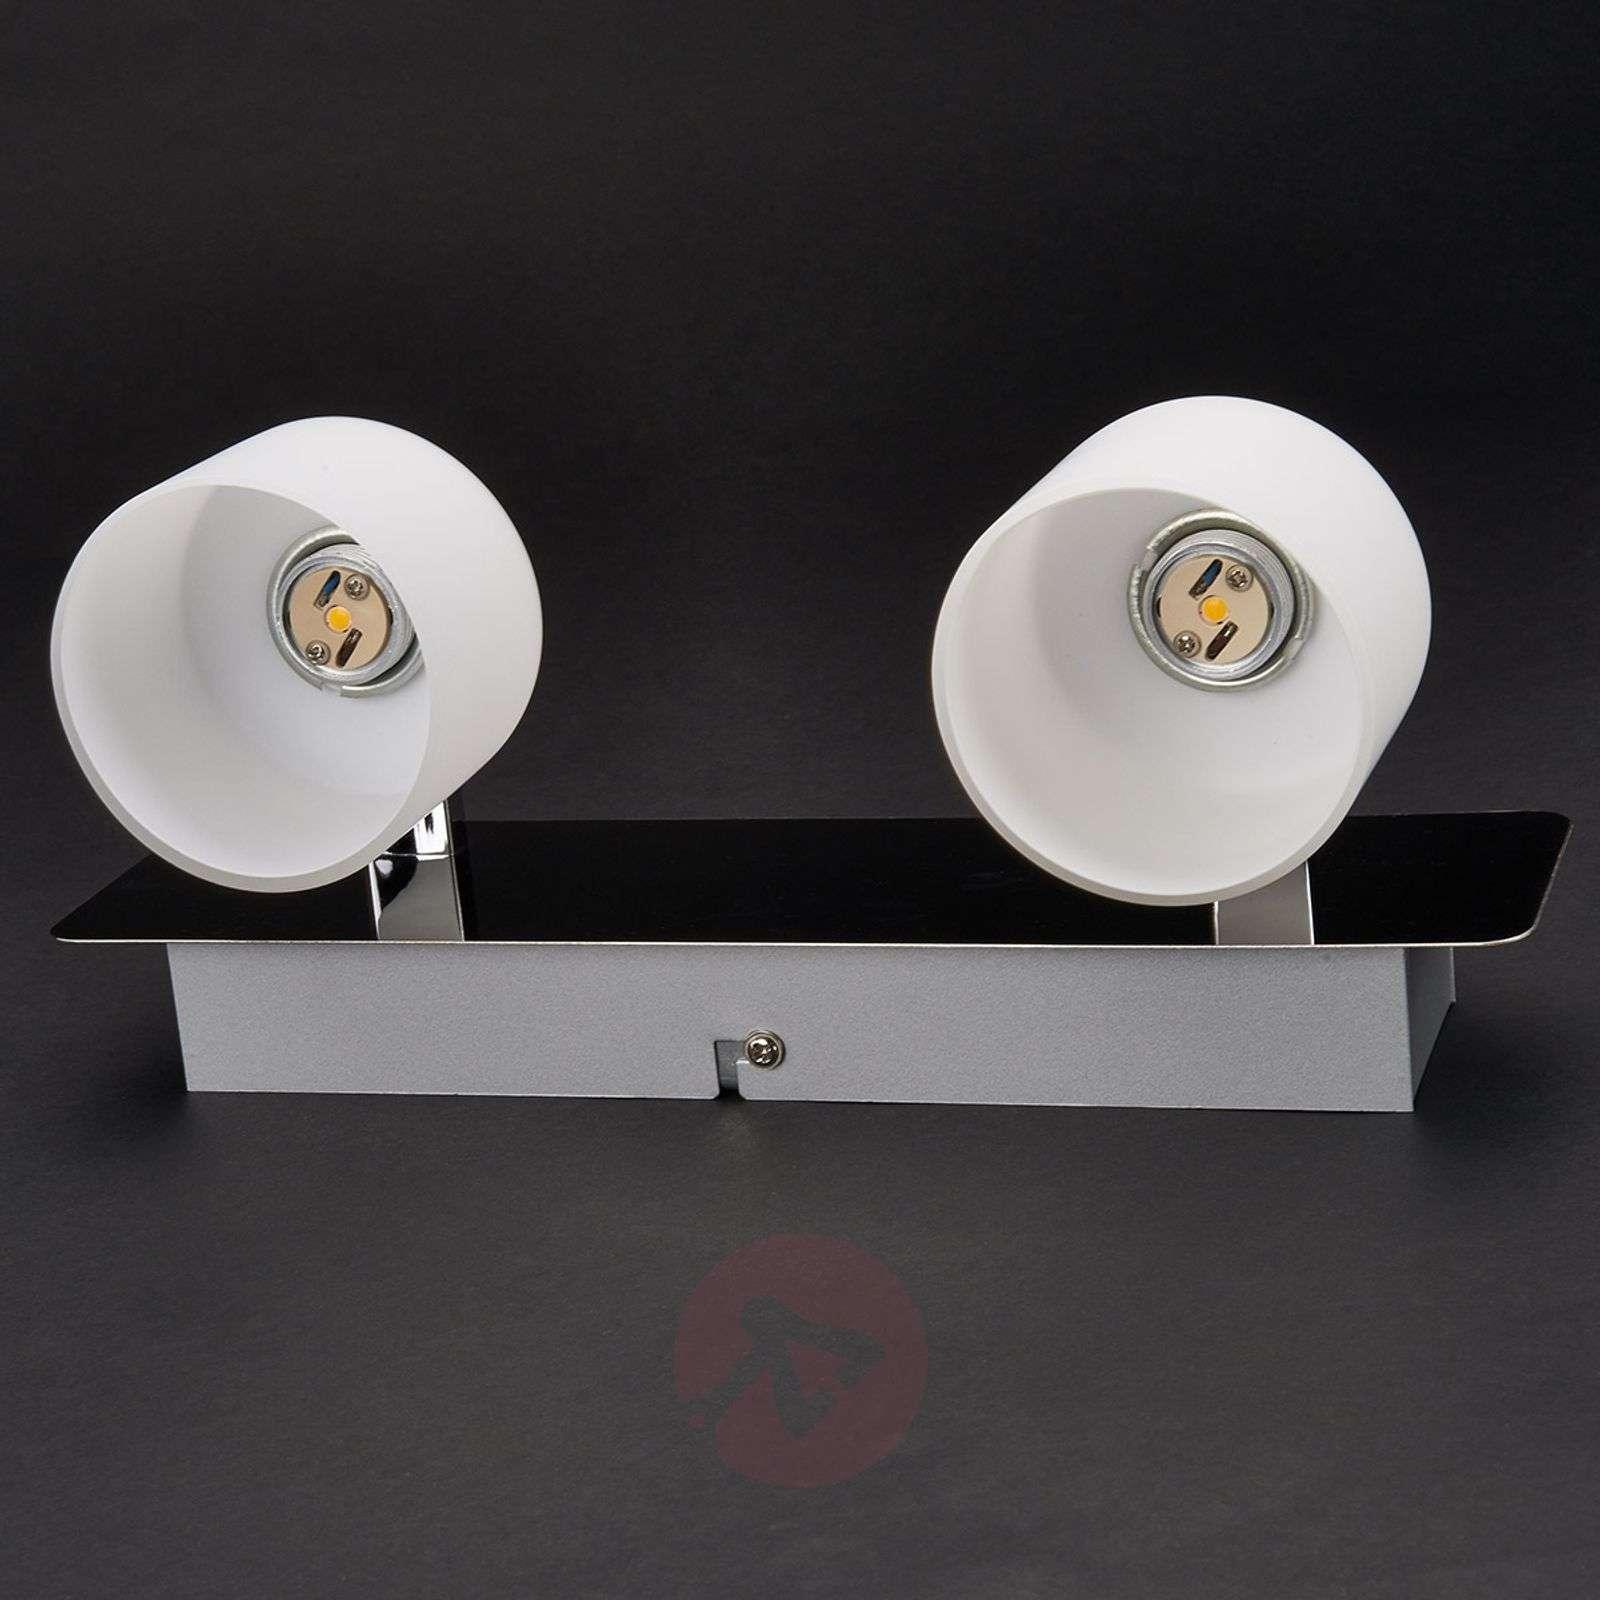 Emira 2-bulb LED wall light-9994044-01